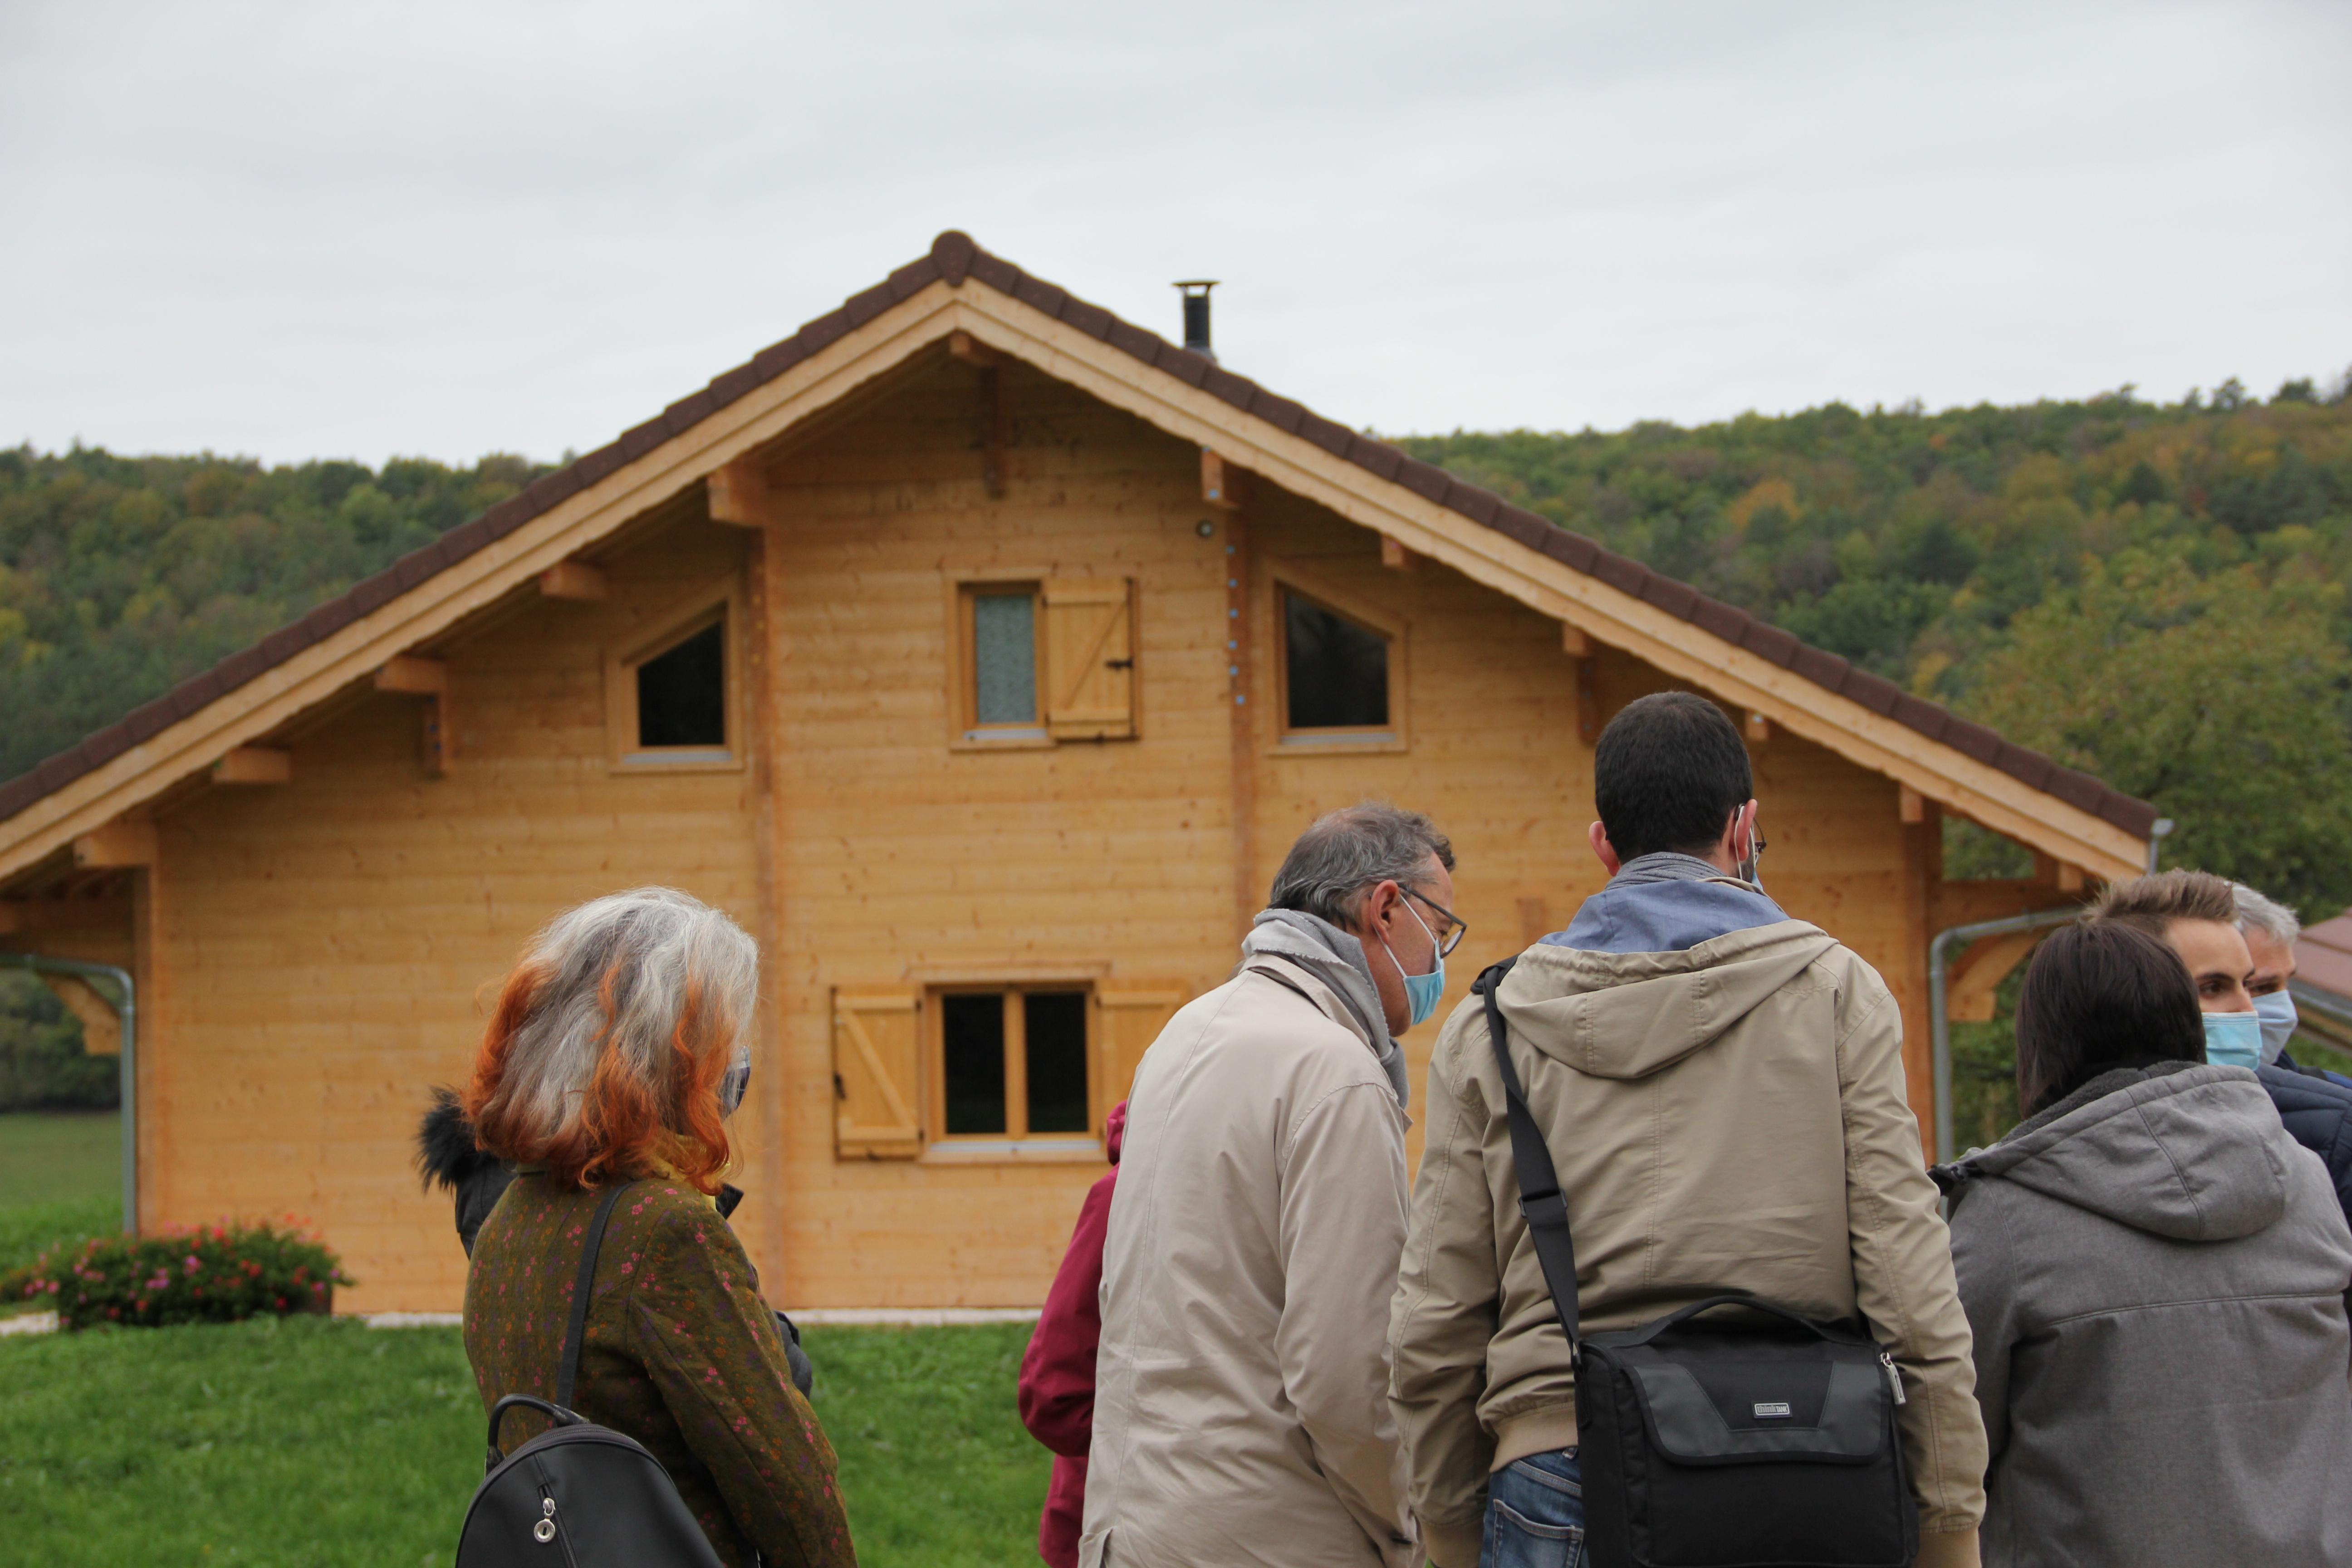 2020-10-17-Maison en madriers-Vaulx-Saules - IMG_0417